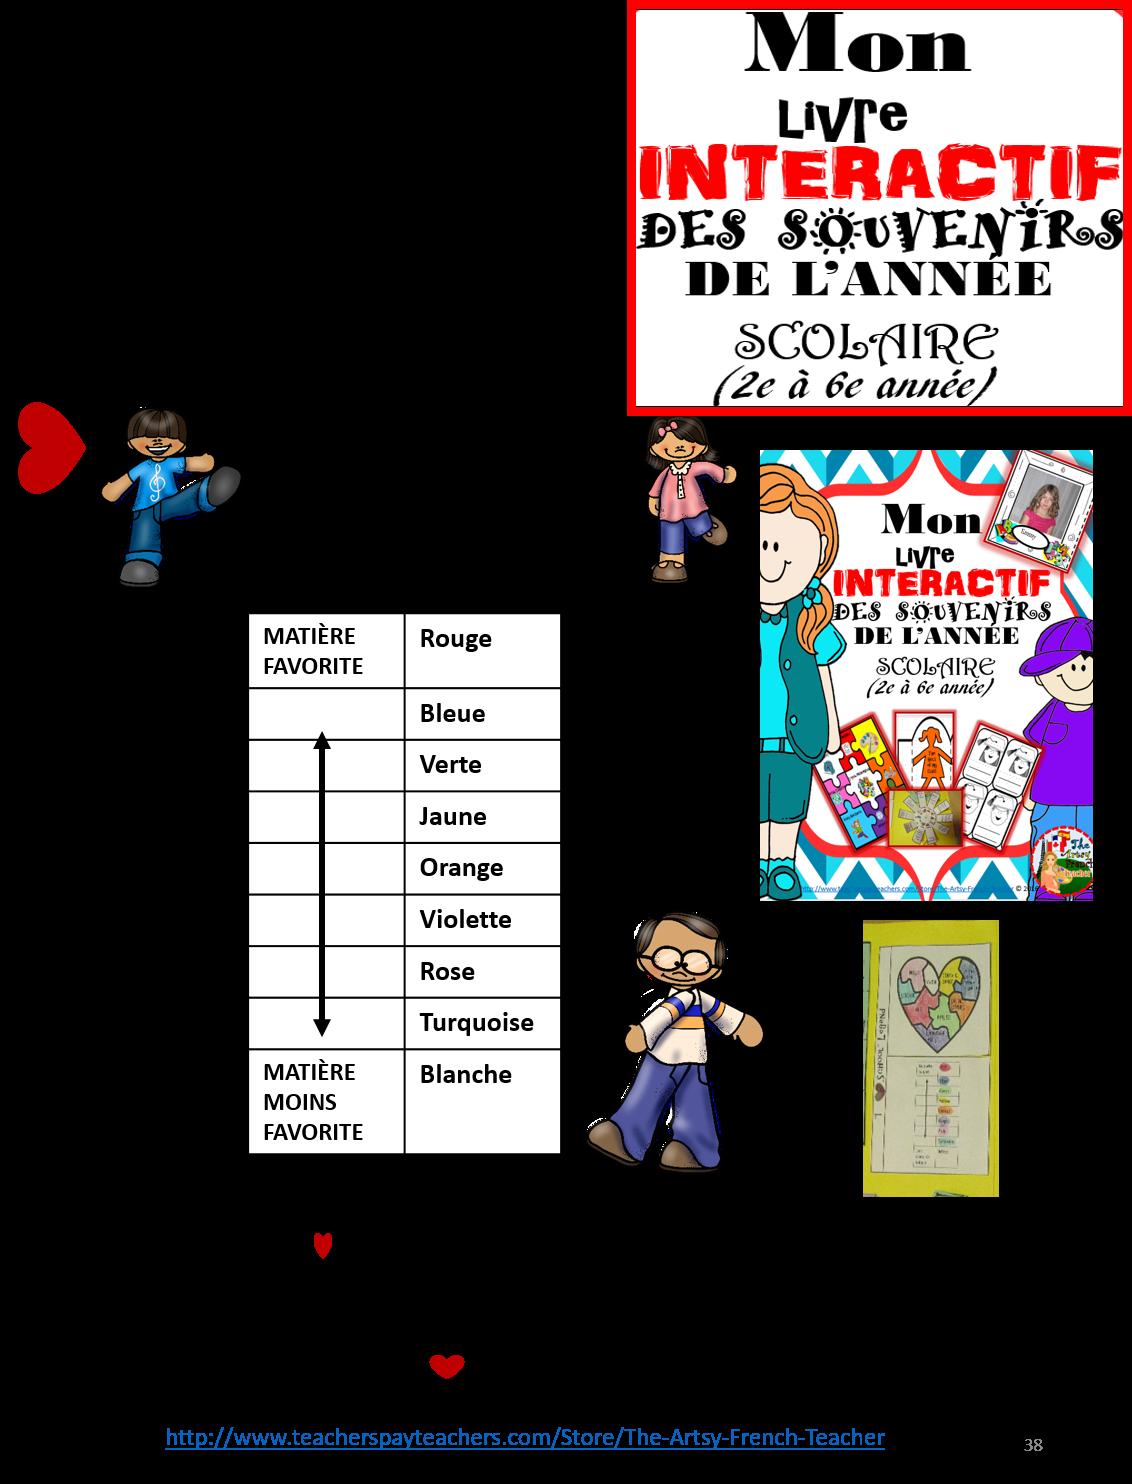 mon livre interactif des souvenirs de l u0026 39 ann u00c9e scolaire  25  d u00e9pliants   gr 2